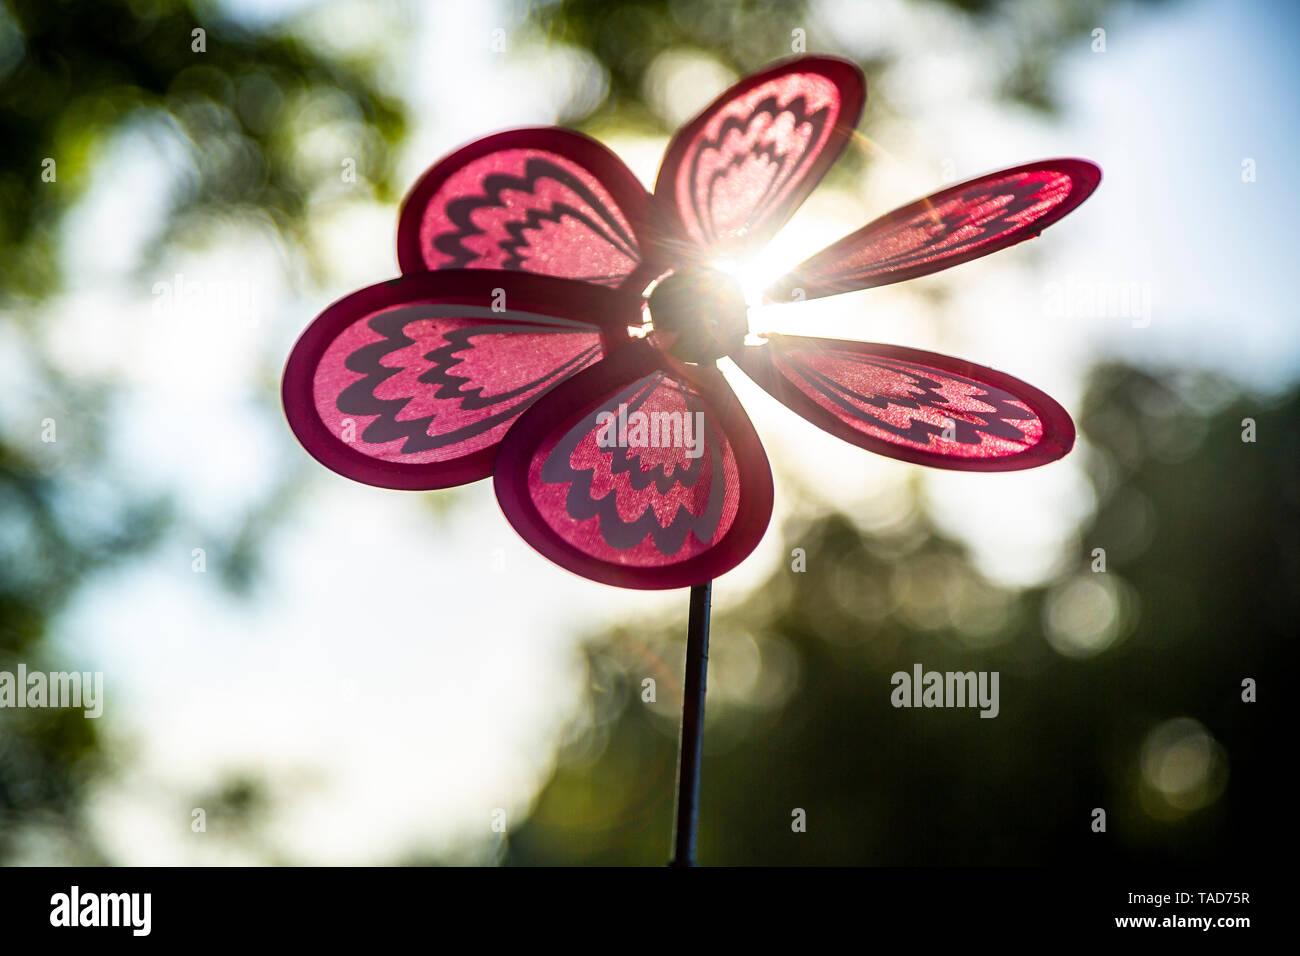 Pinwheel at backlight - Stock Image